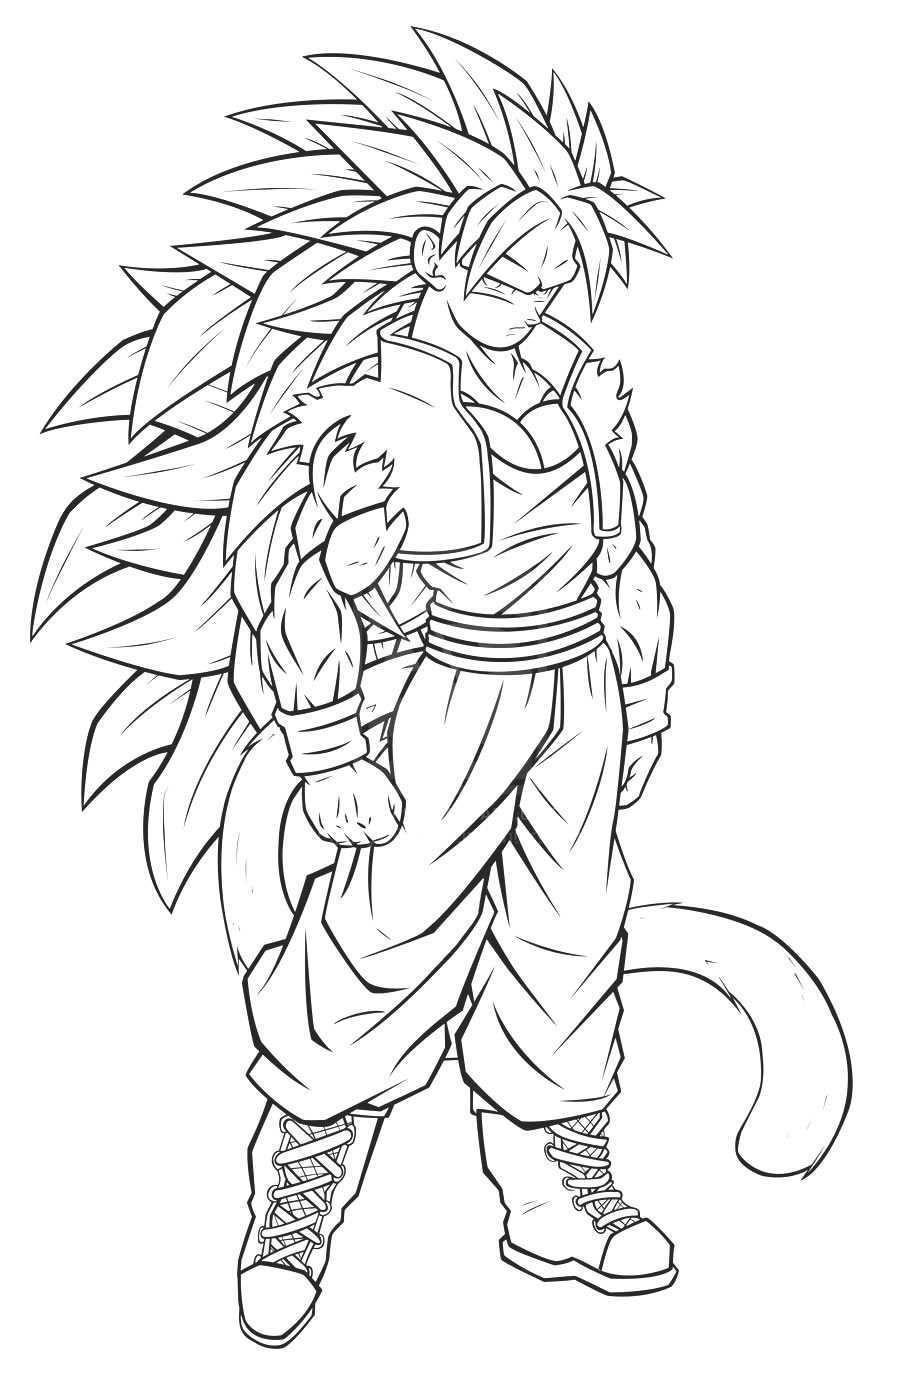 Imágenes de Goku y sus transformaciones para colorear | Colorear ...